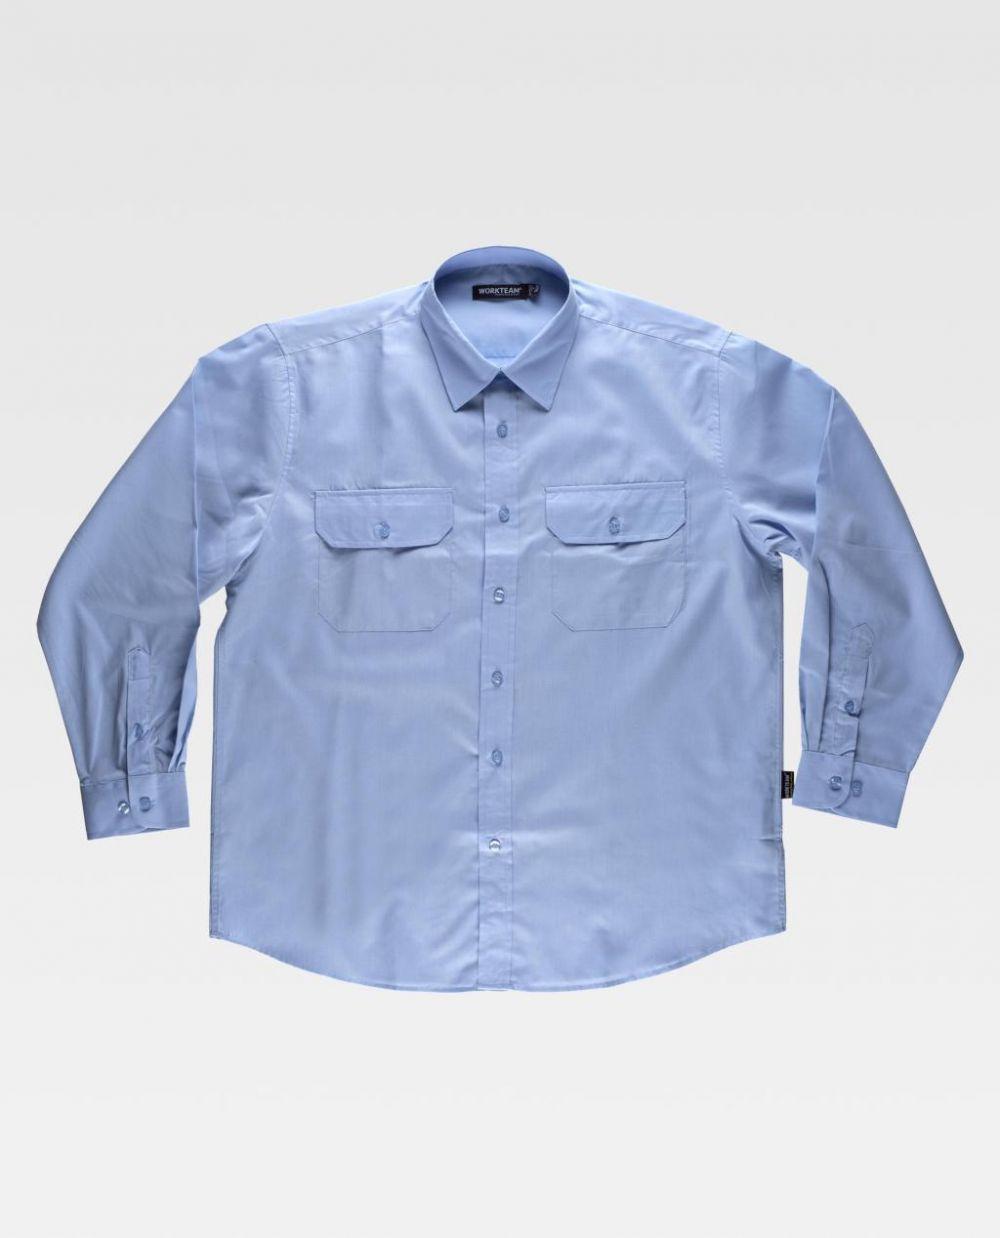 Camisas de trabajo workteam de cuello clasico de poliéster vista 1